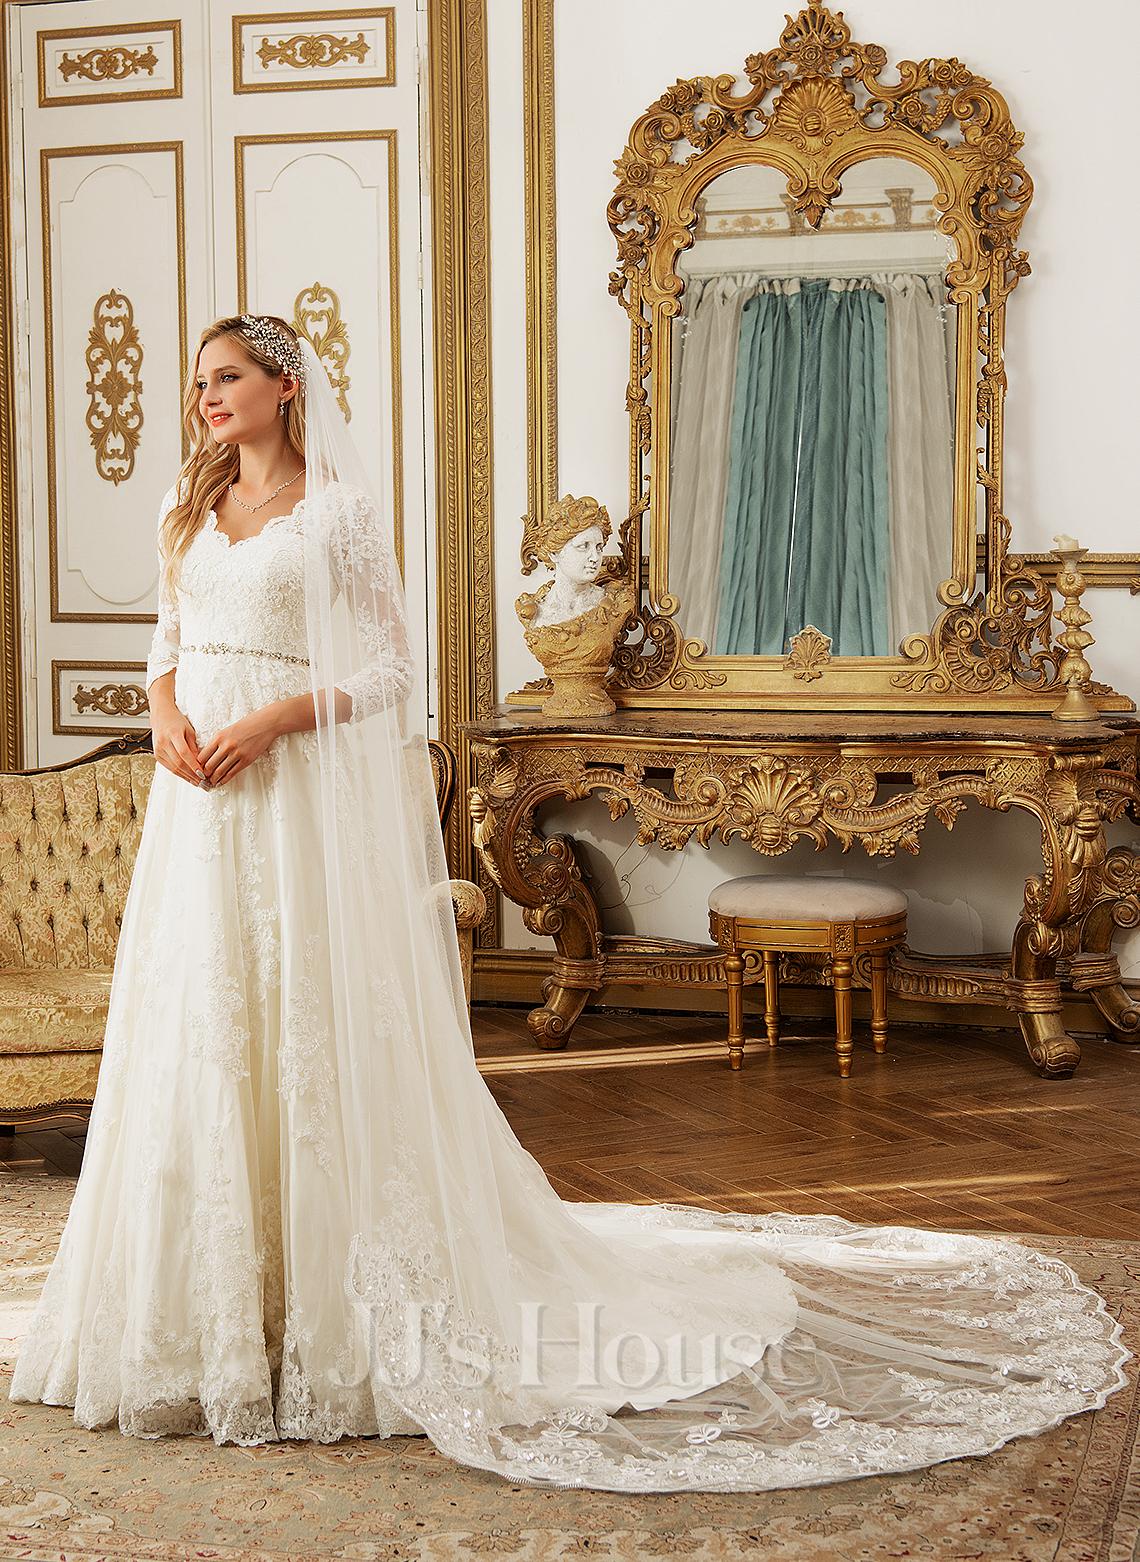 Платье для Балла/Принцесса V-образный Церковный шлейф Тюль Свадебные Платье с развальцовка блестки